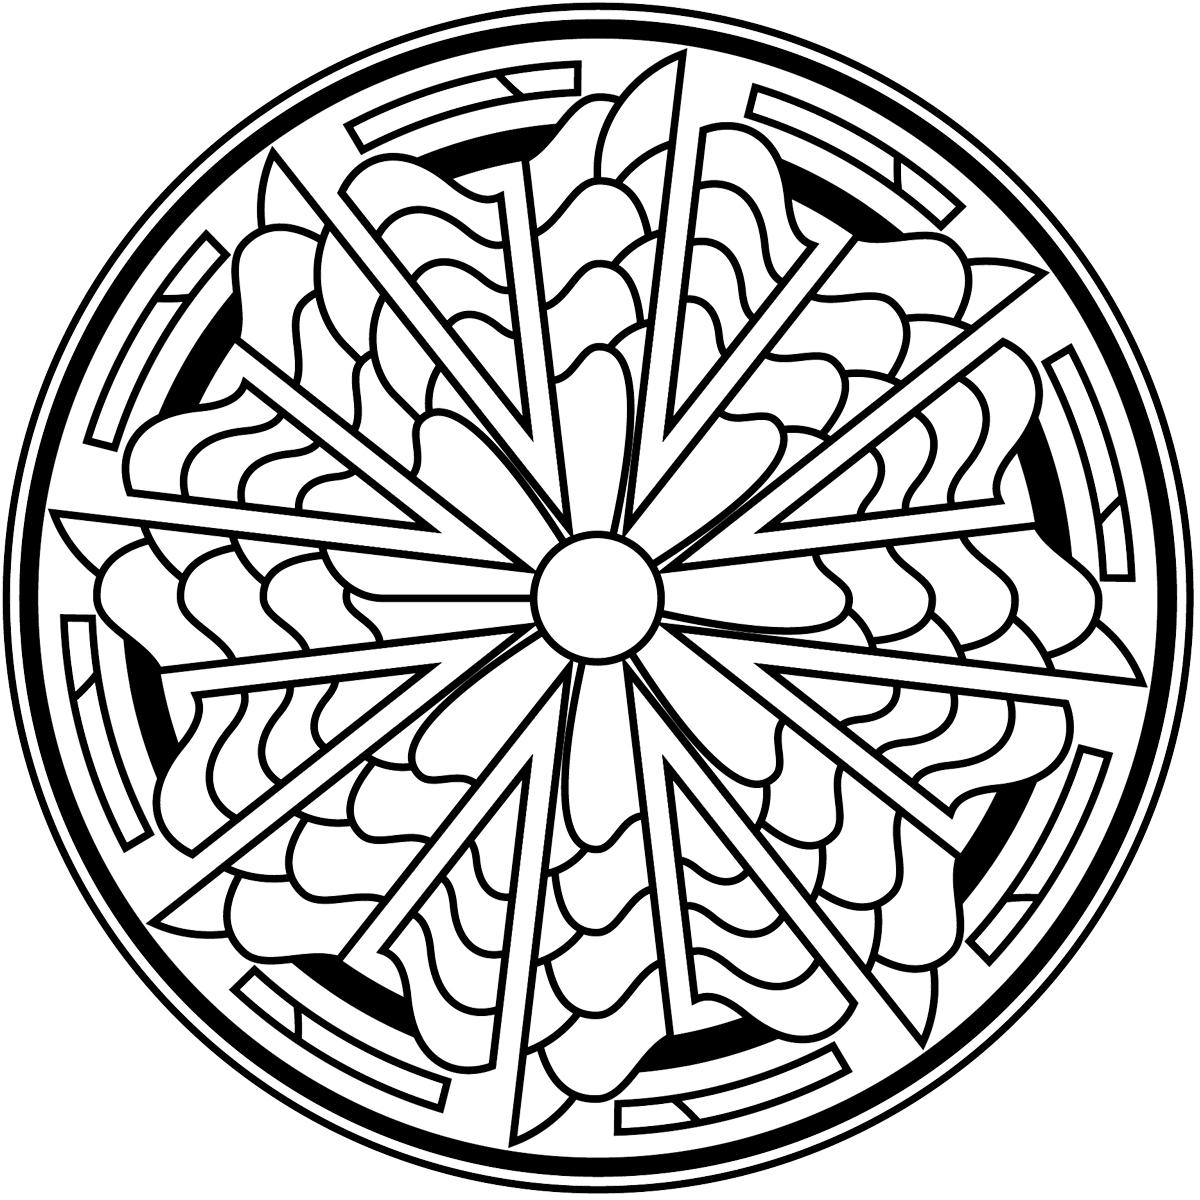 Раскраска Зендала Солнечная распечатать или скачать бесплатно